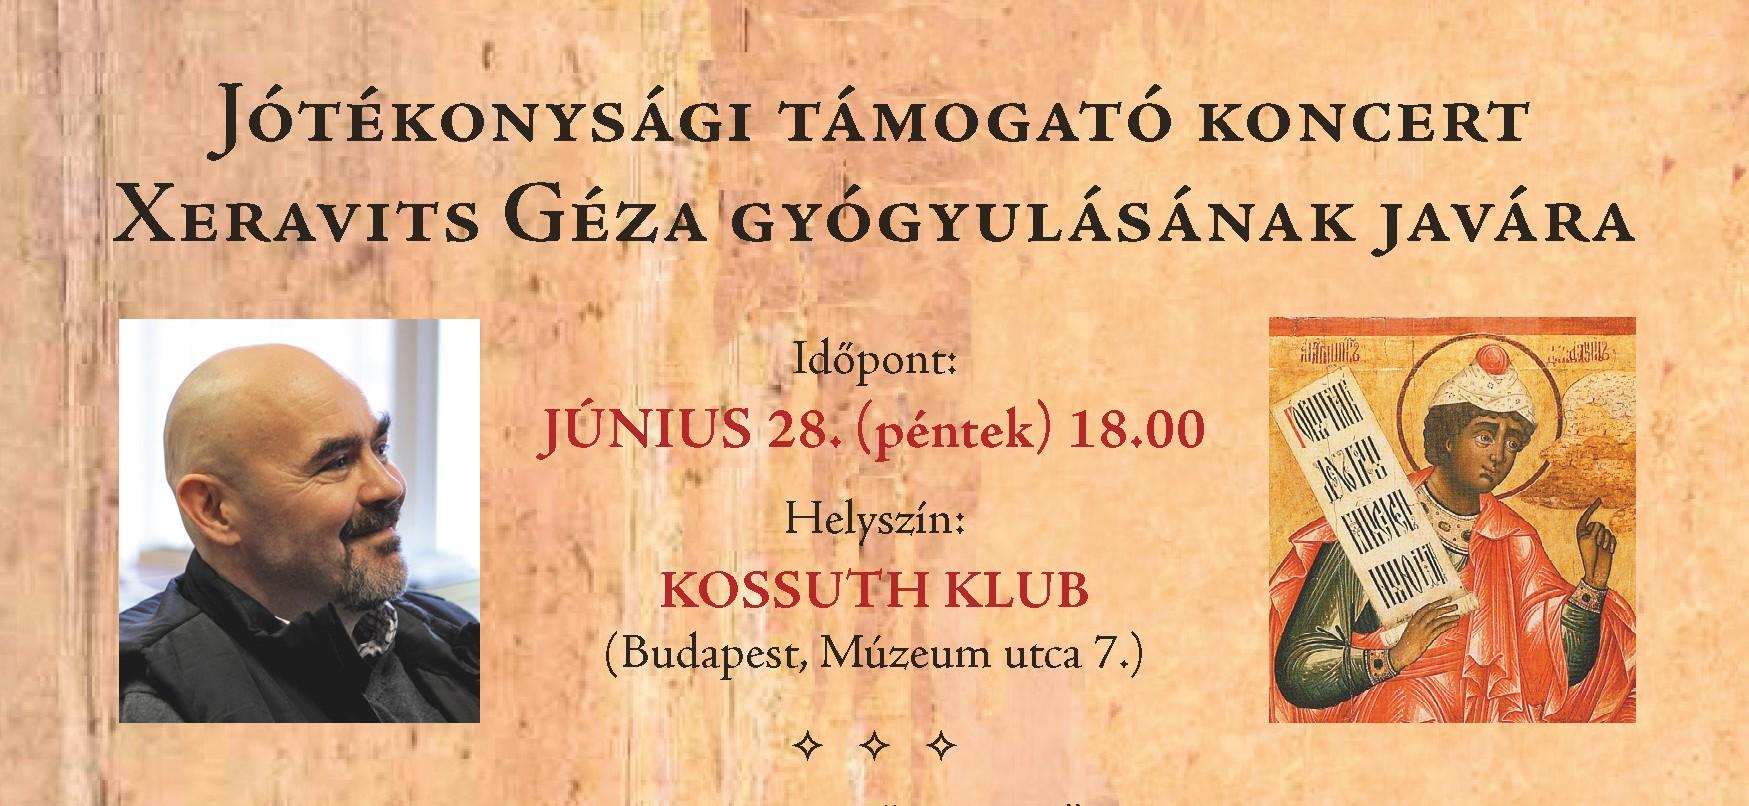 xeravits_géza_koncert